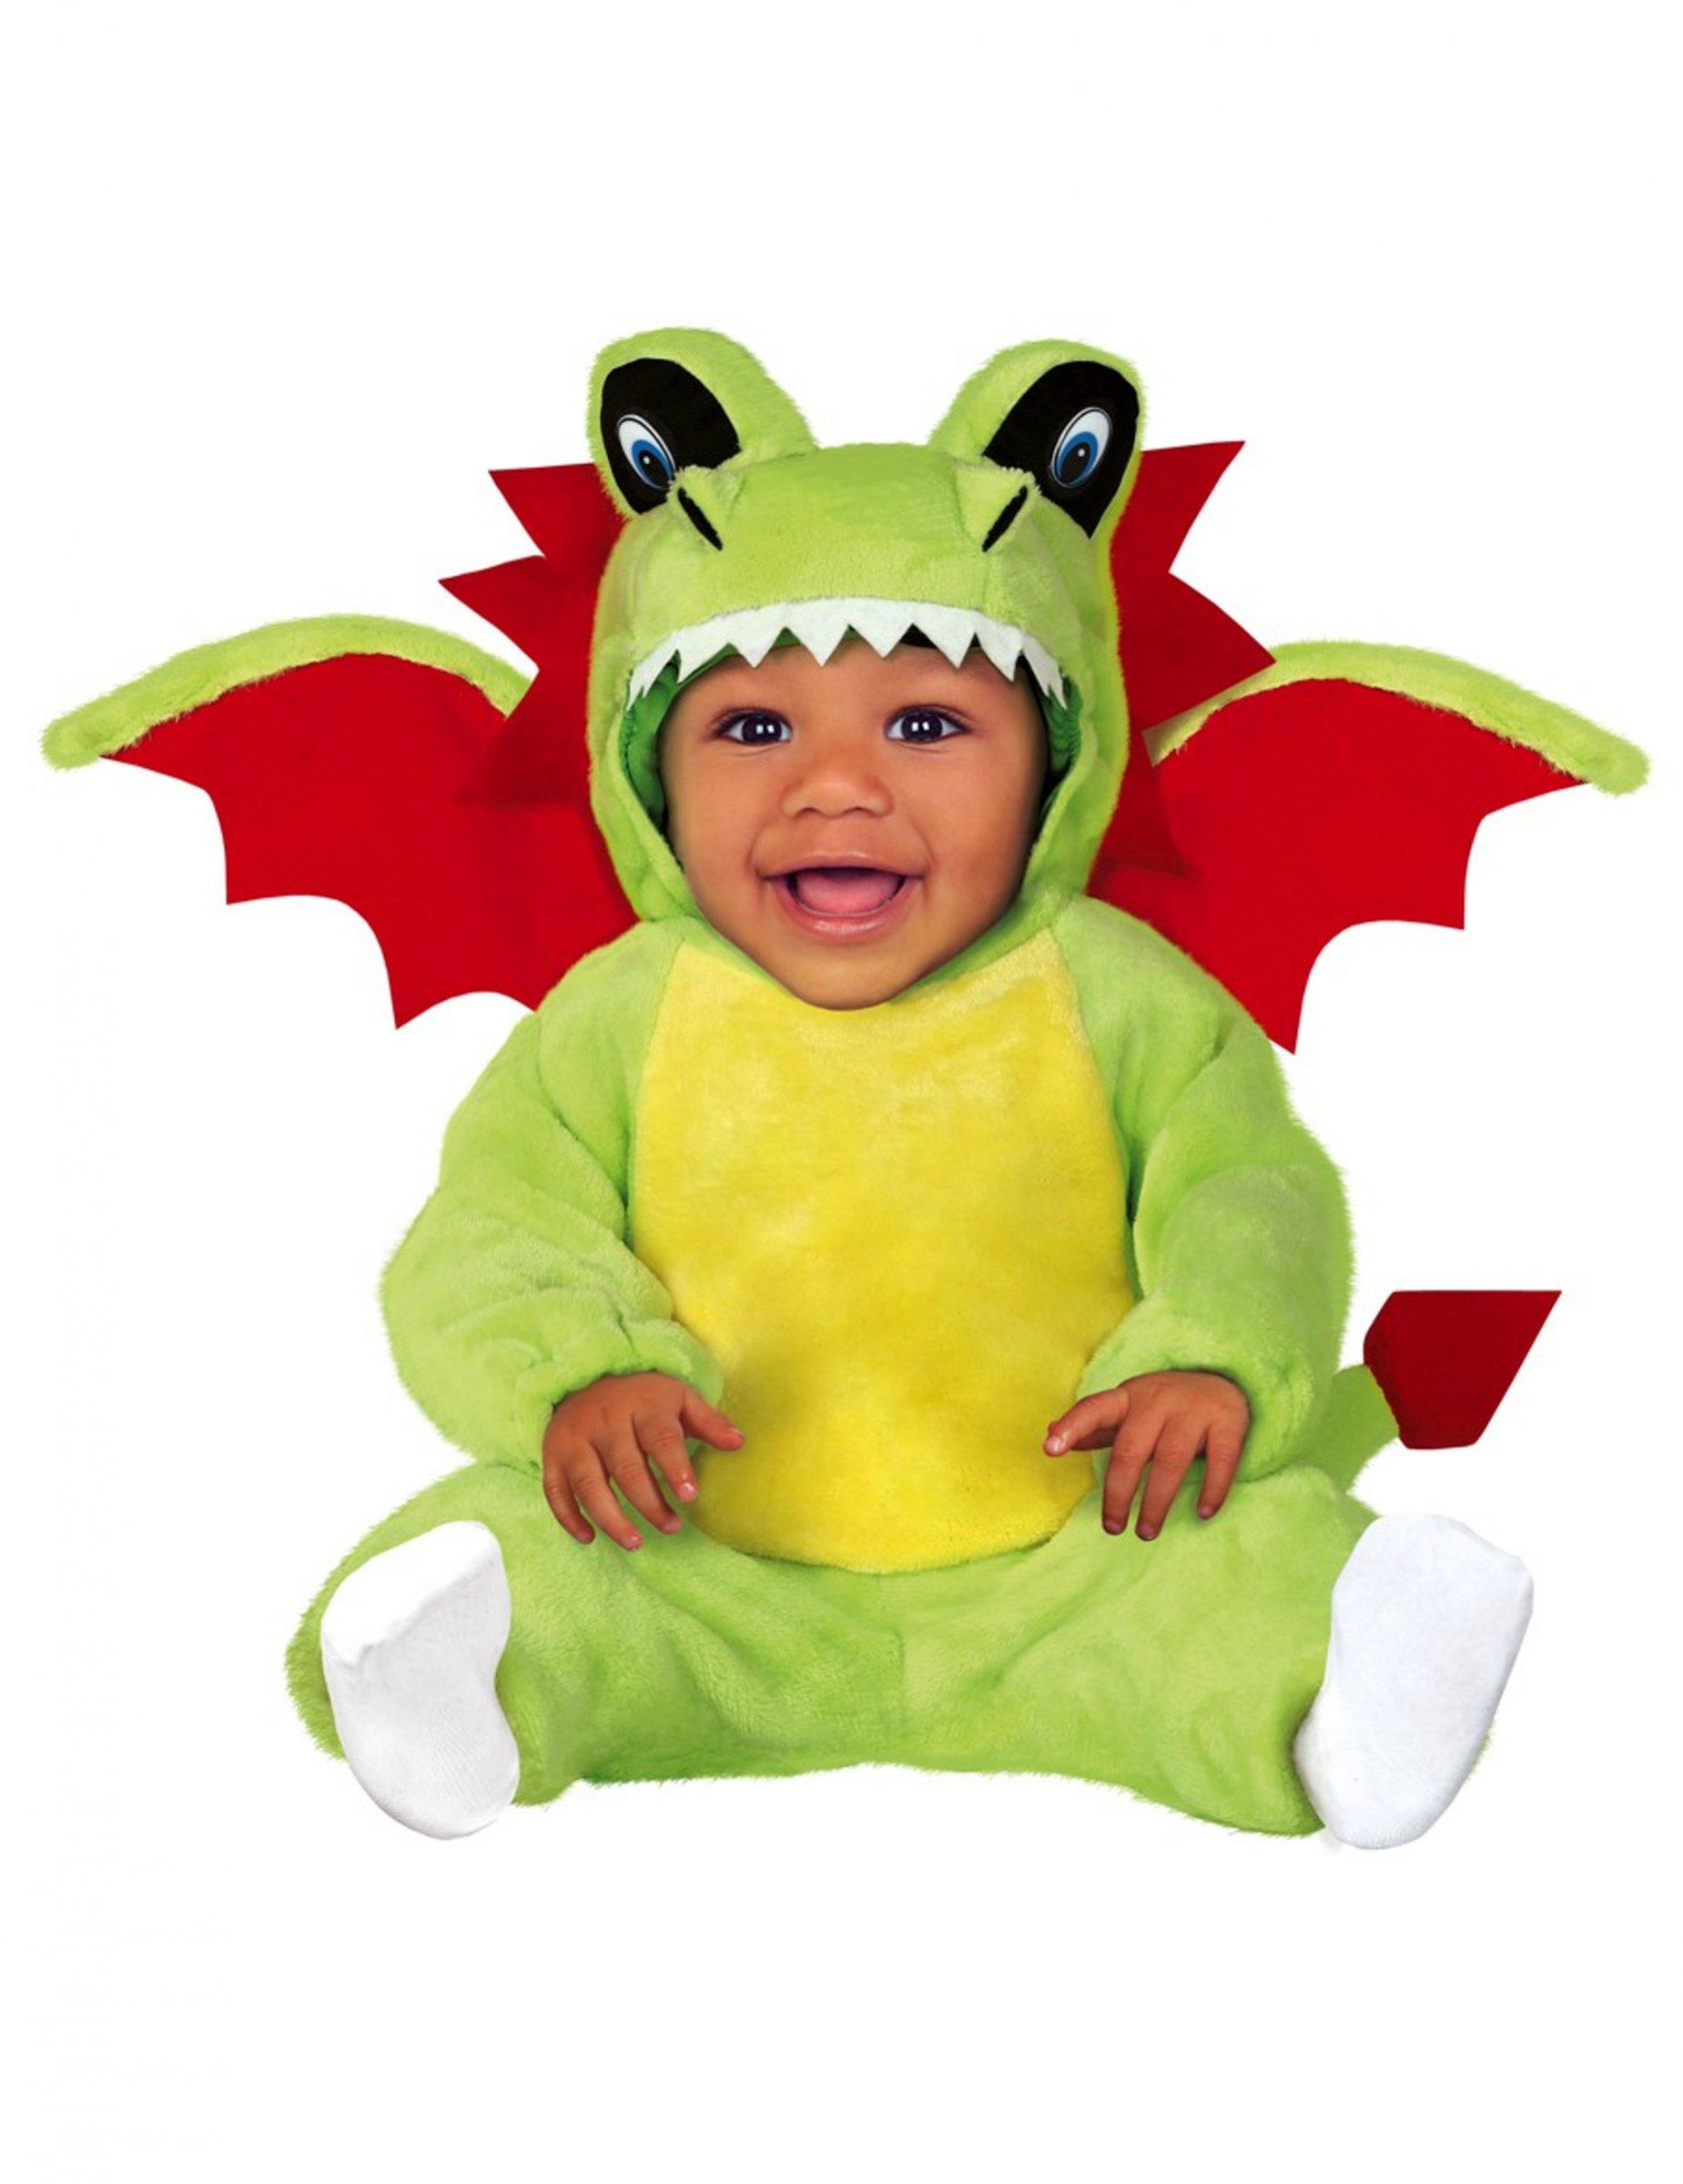 Drachen Kostum Baby Kostum Kleinkinder Kostum Anzug Gruun Rot